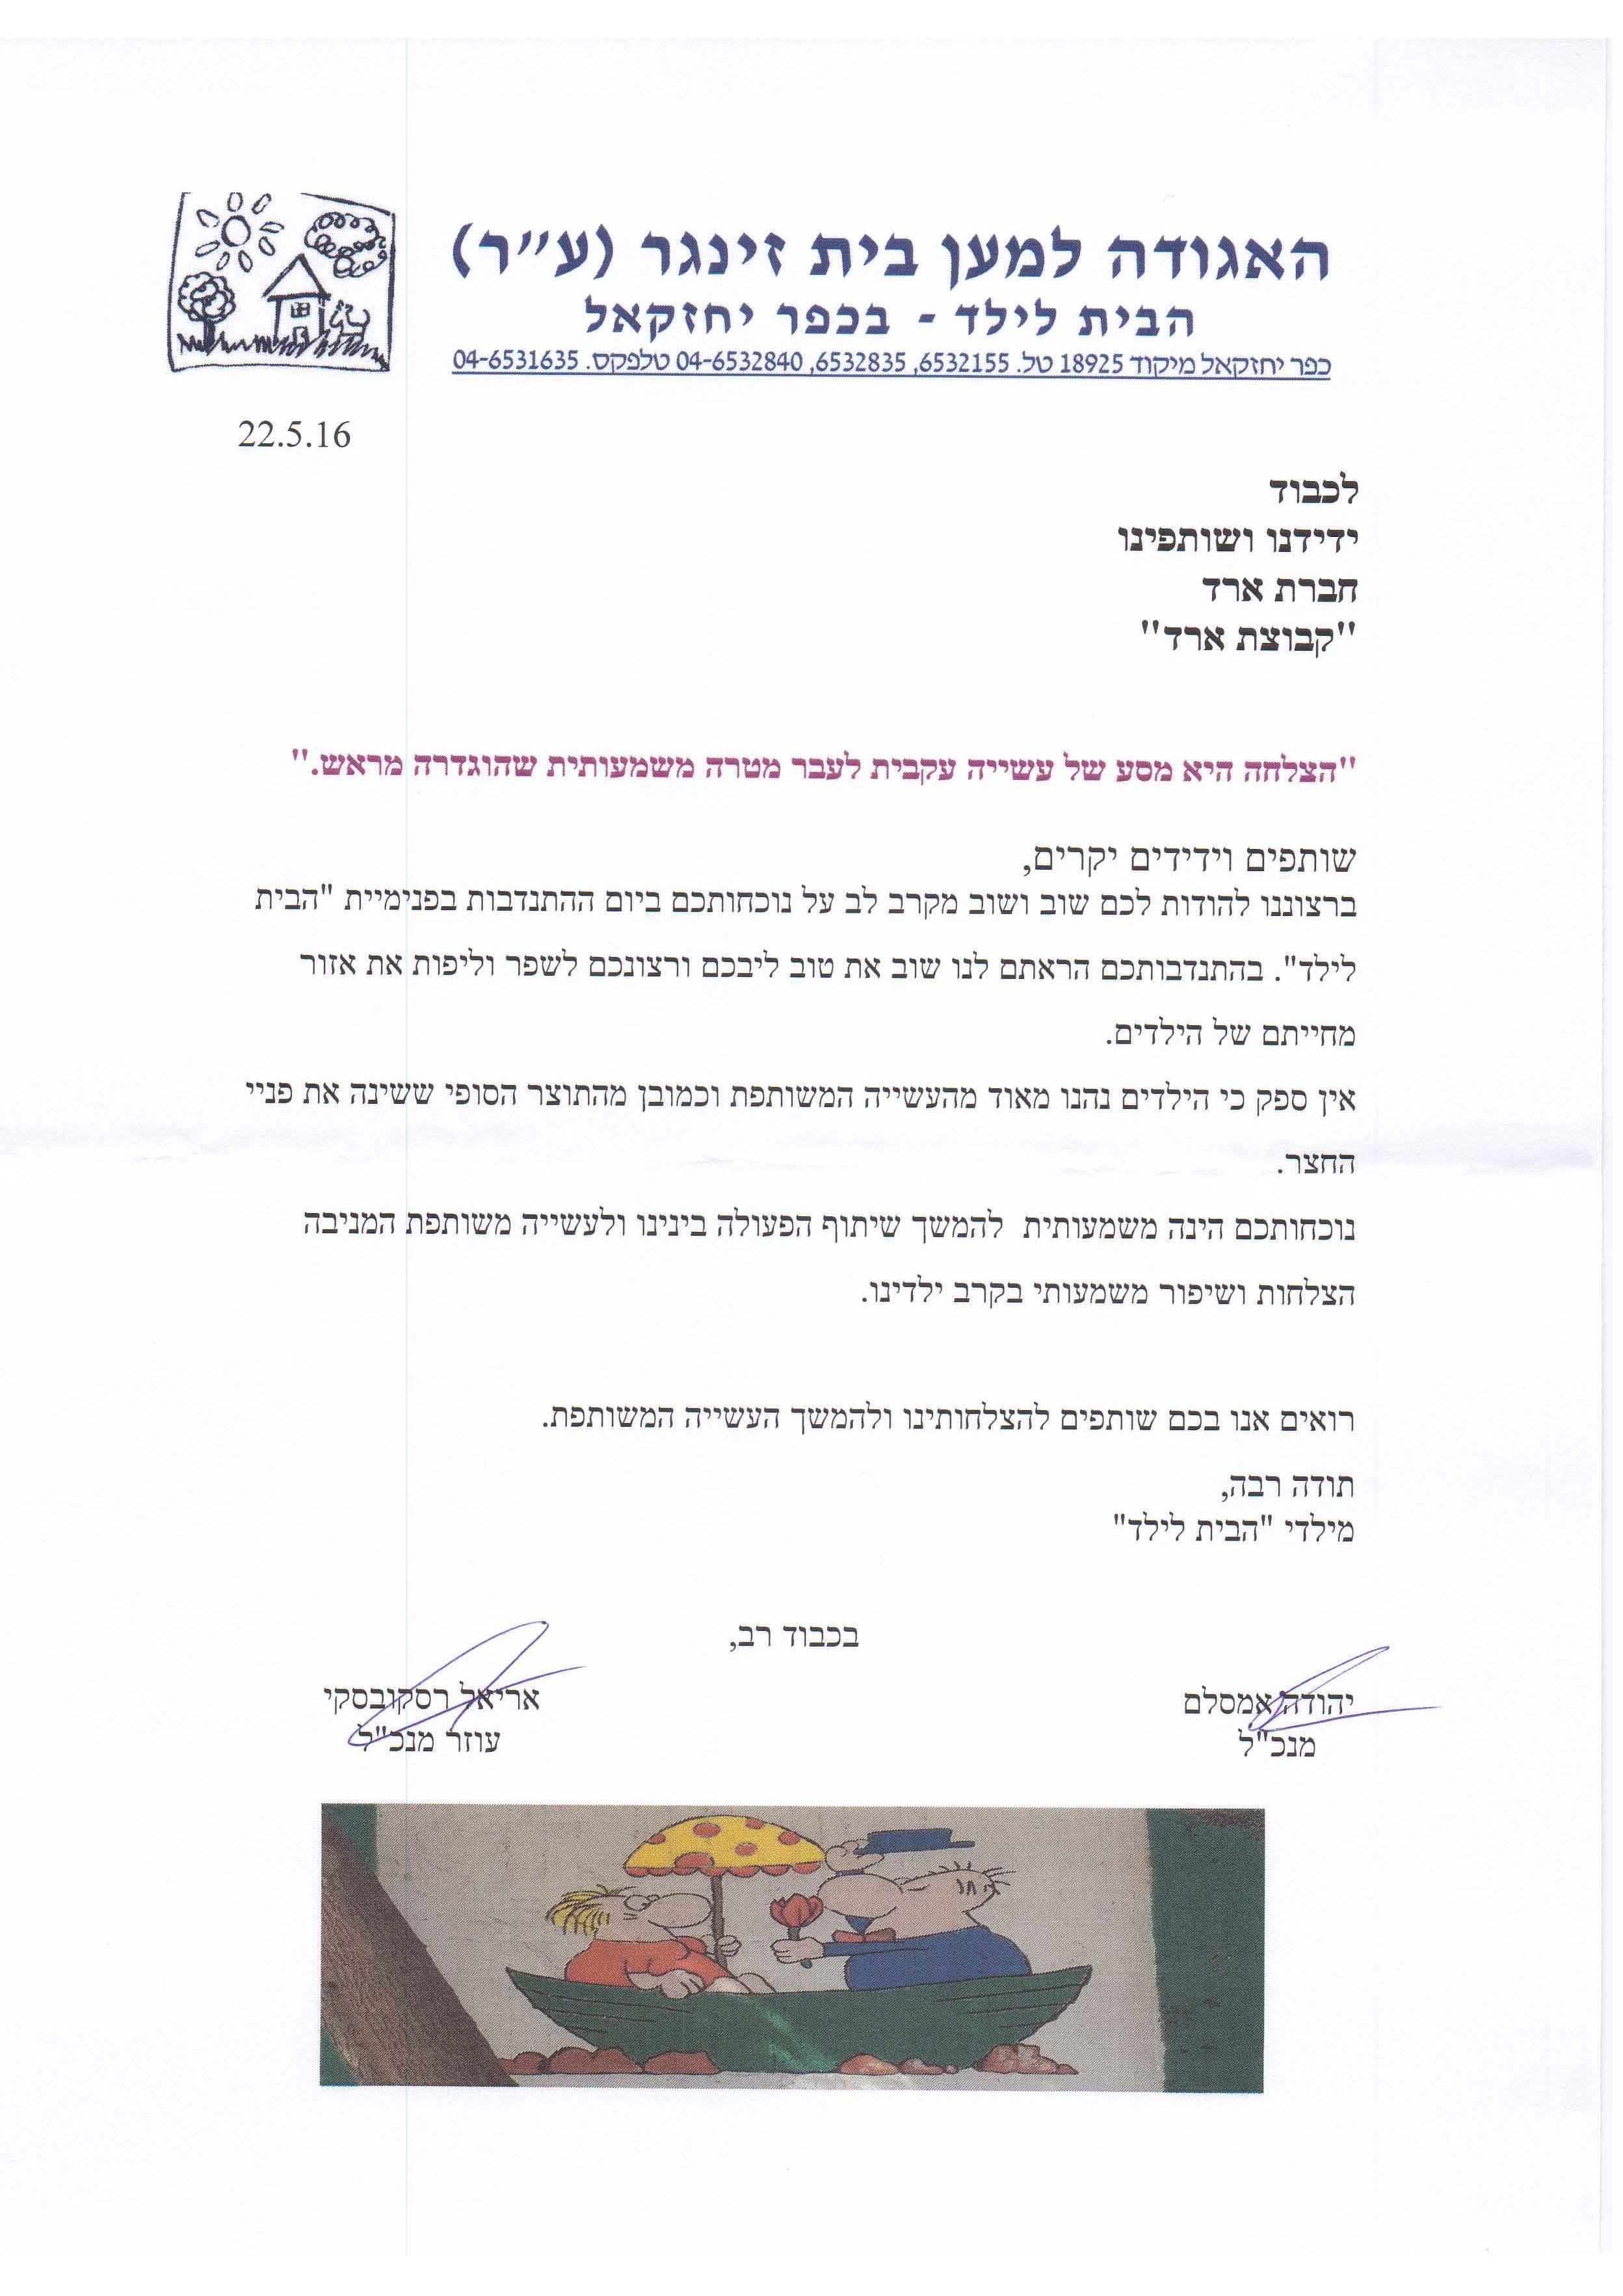 מכתב תודה בית זינגר